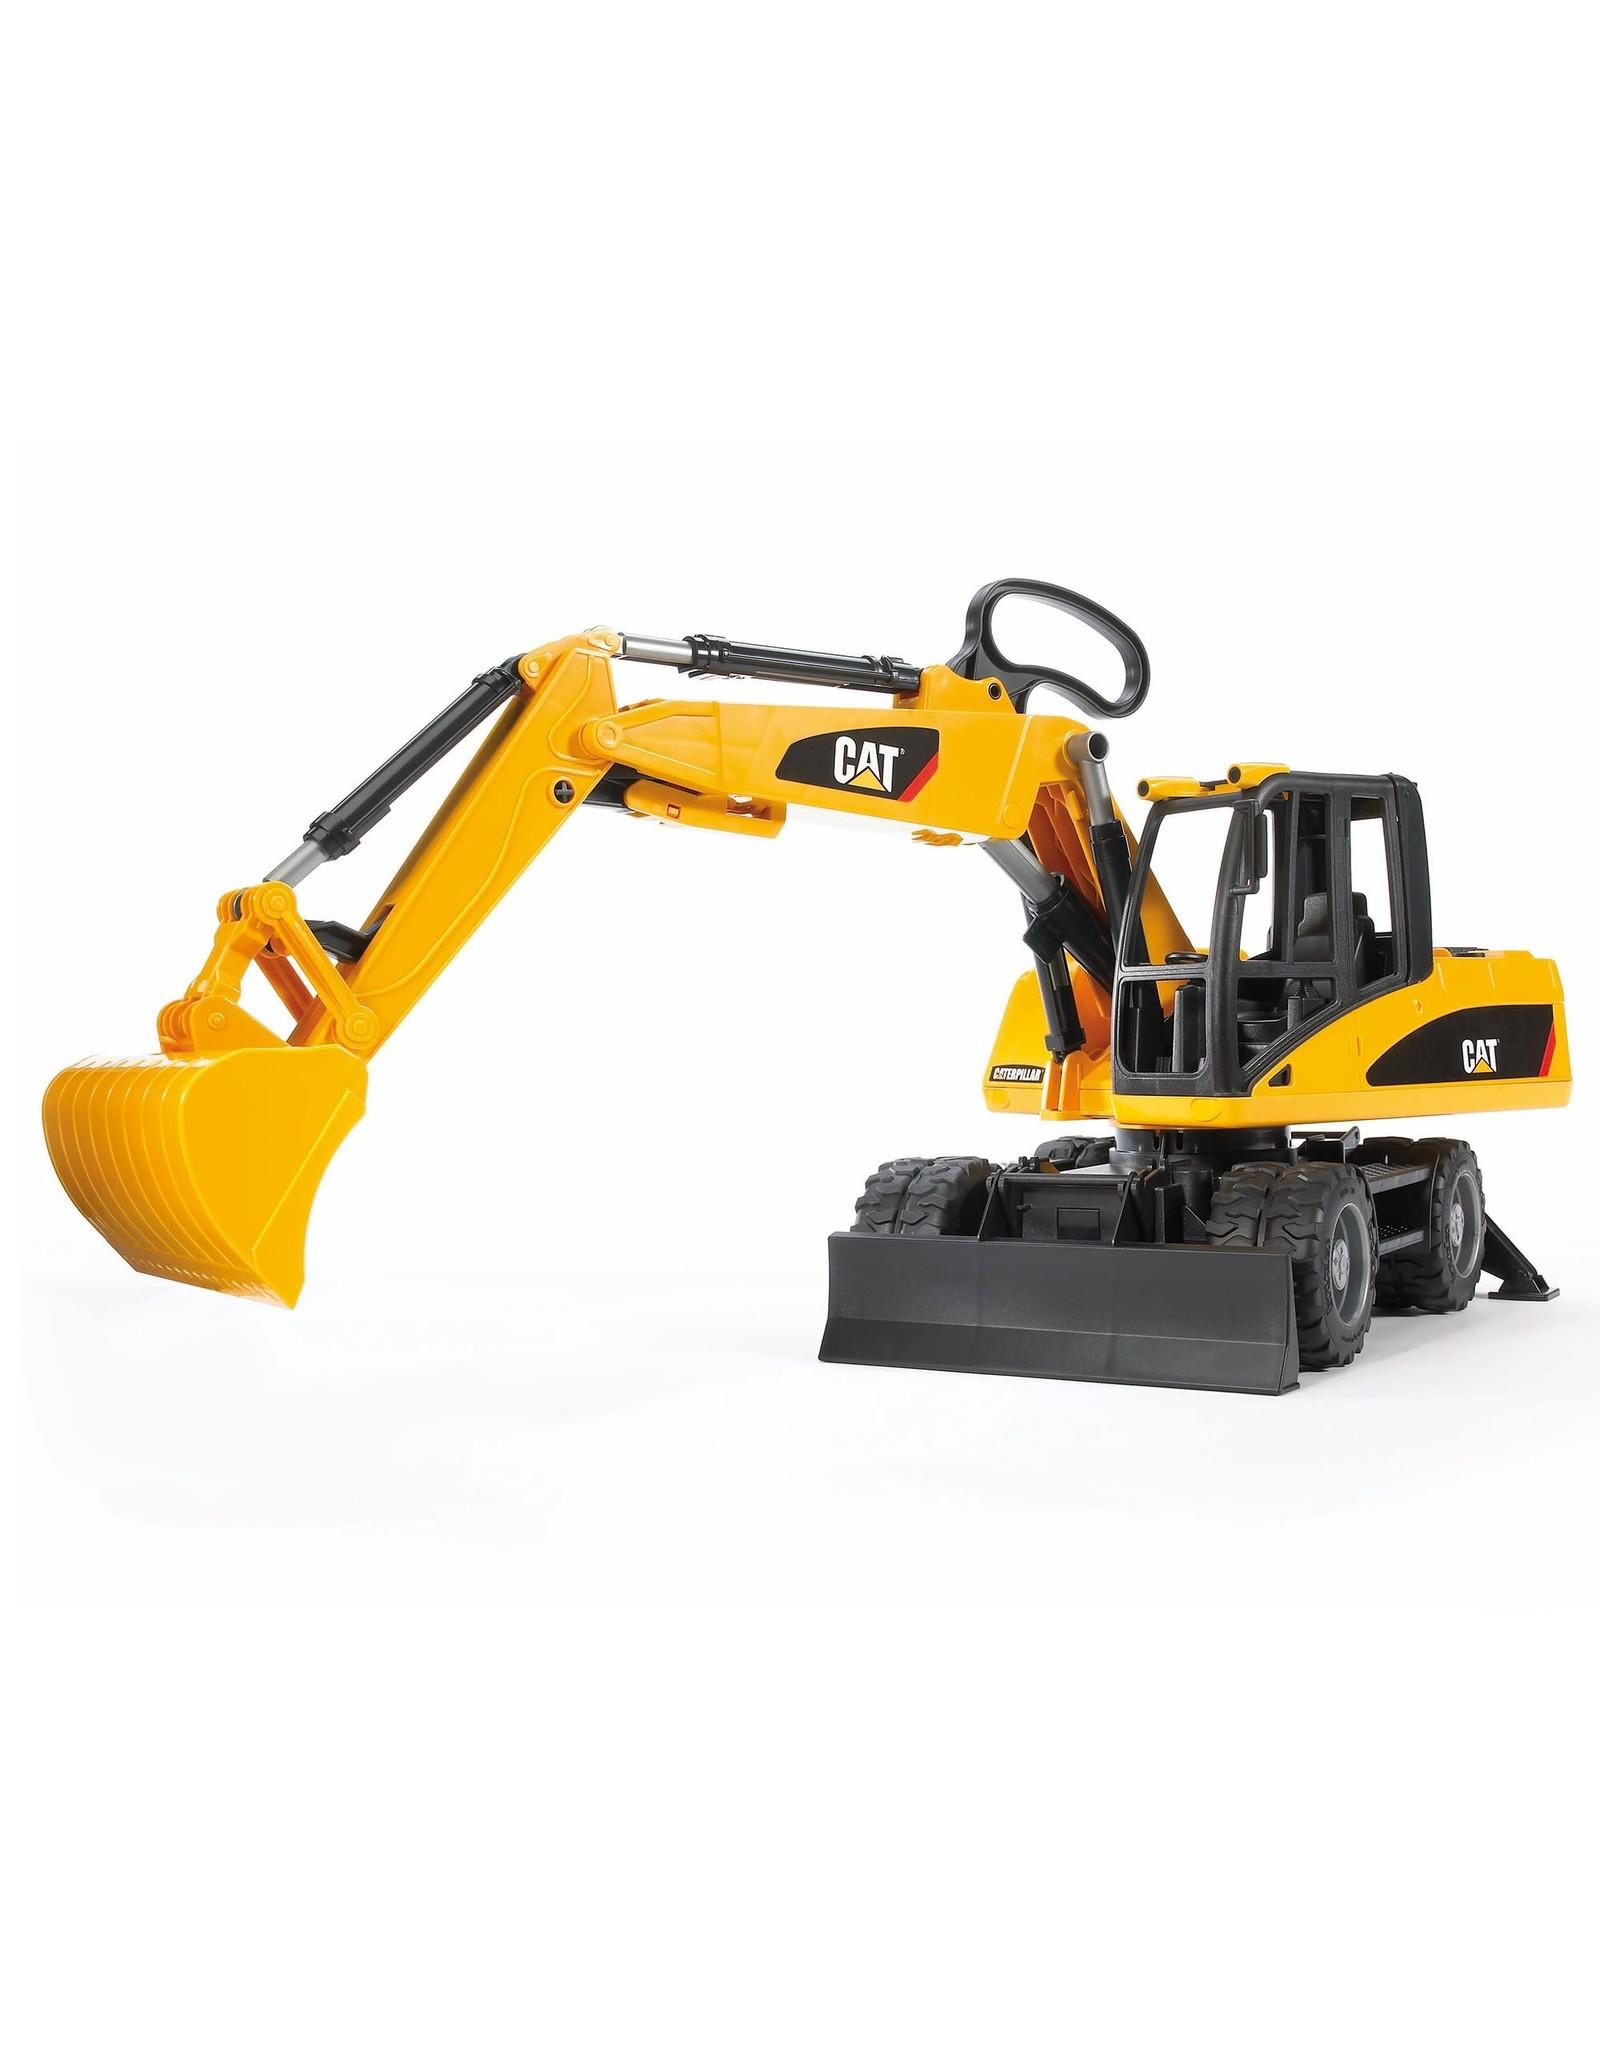 Bruder CATERPILLAR Small Excavator